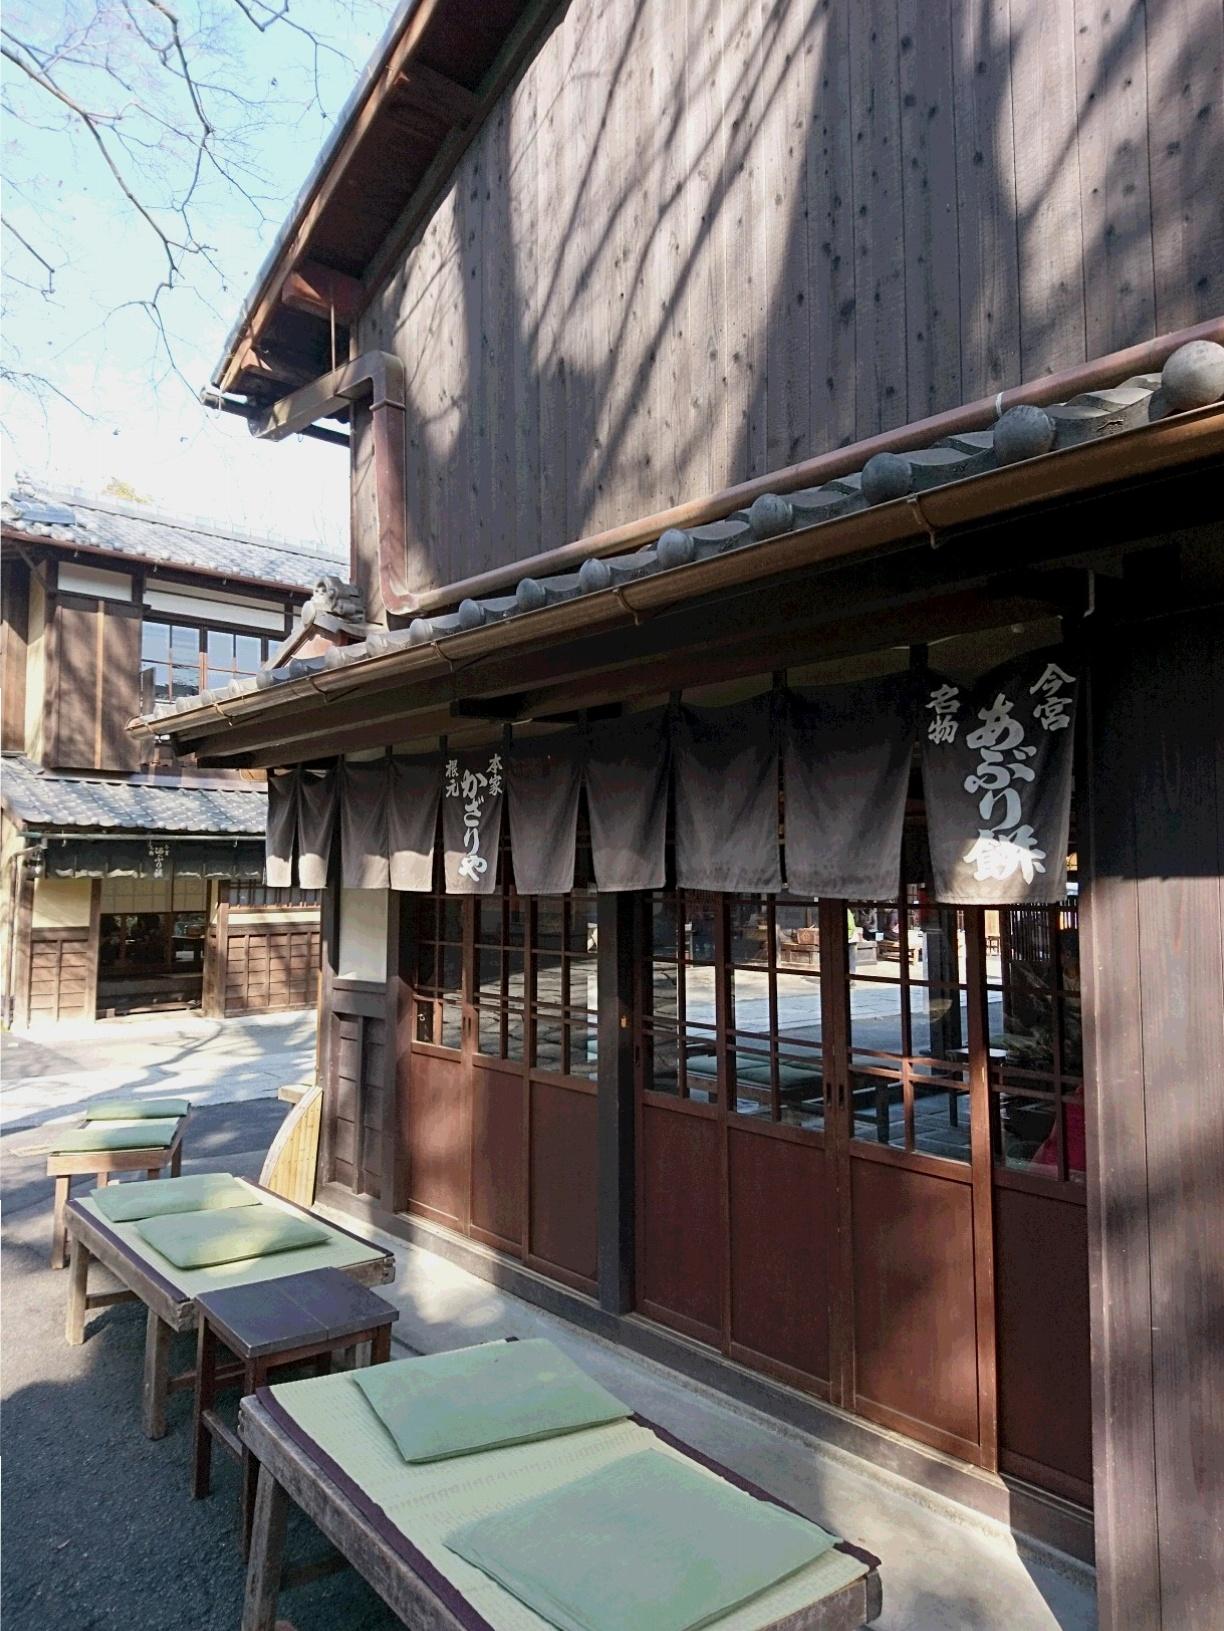 京都女子旅特集《2019年版》- 旅する女子がおすすめする、インスタ映えスポットやカフェ、レンタル着物は?_69